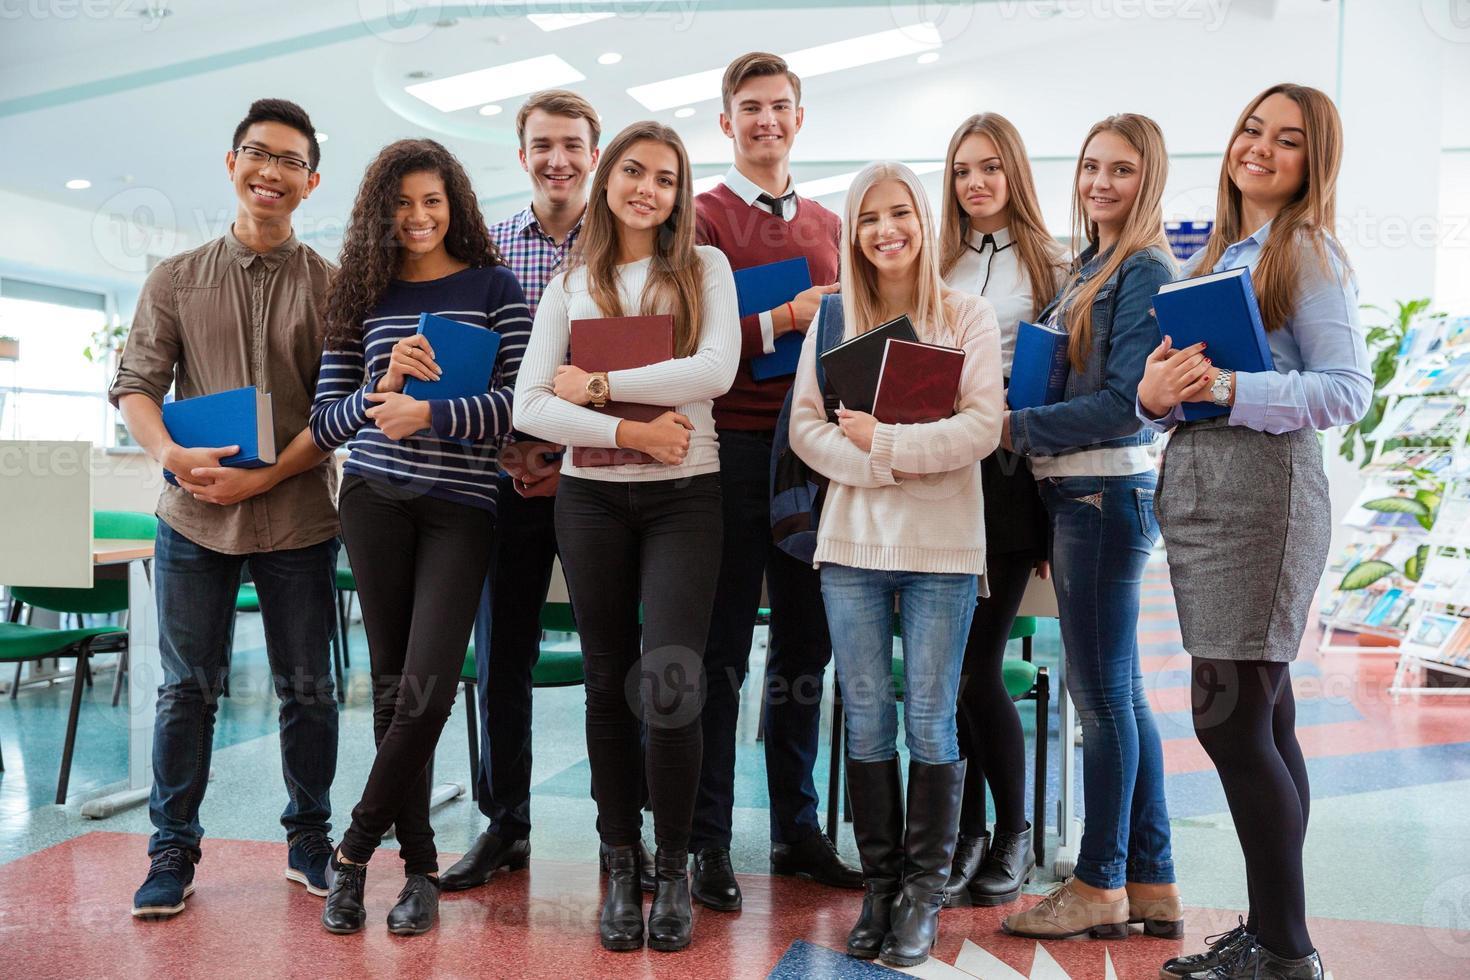 glückliche Schüler, die zusammen im Klassenzimmer stehen foto